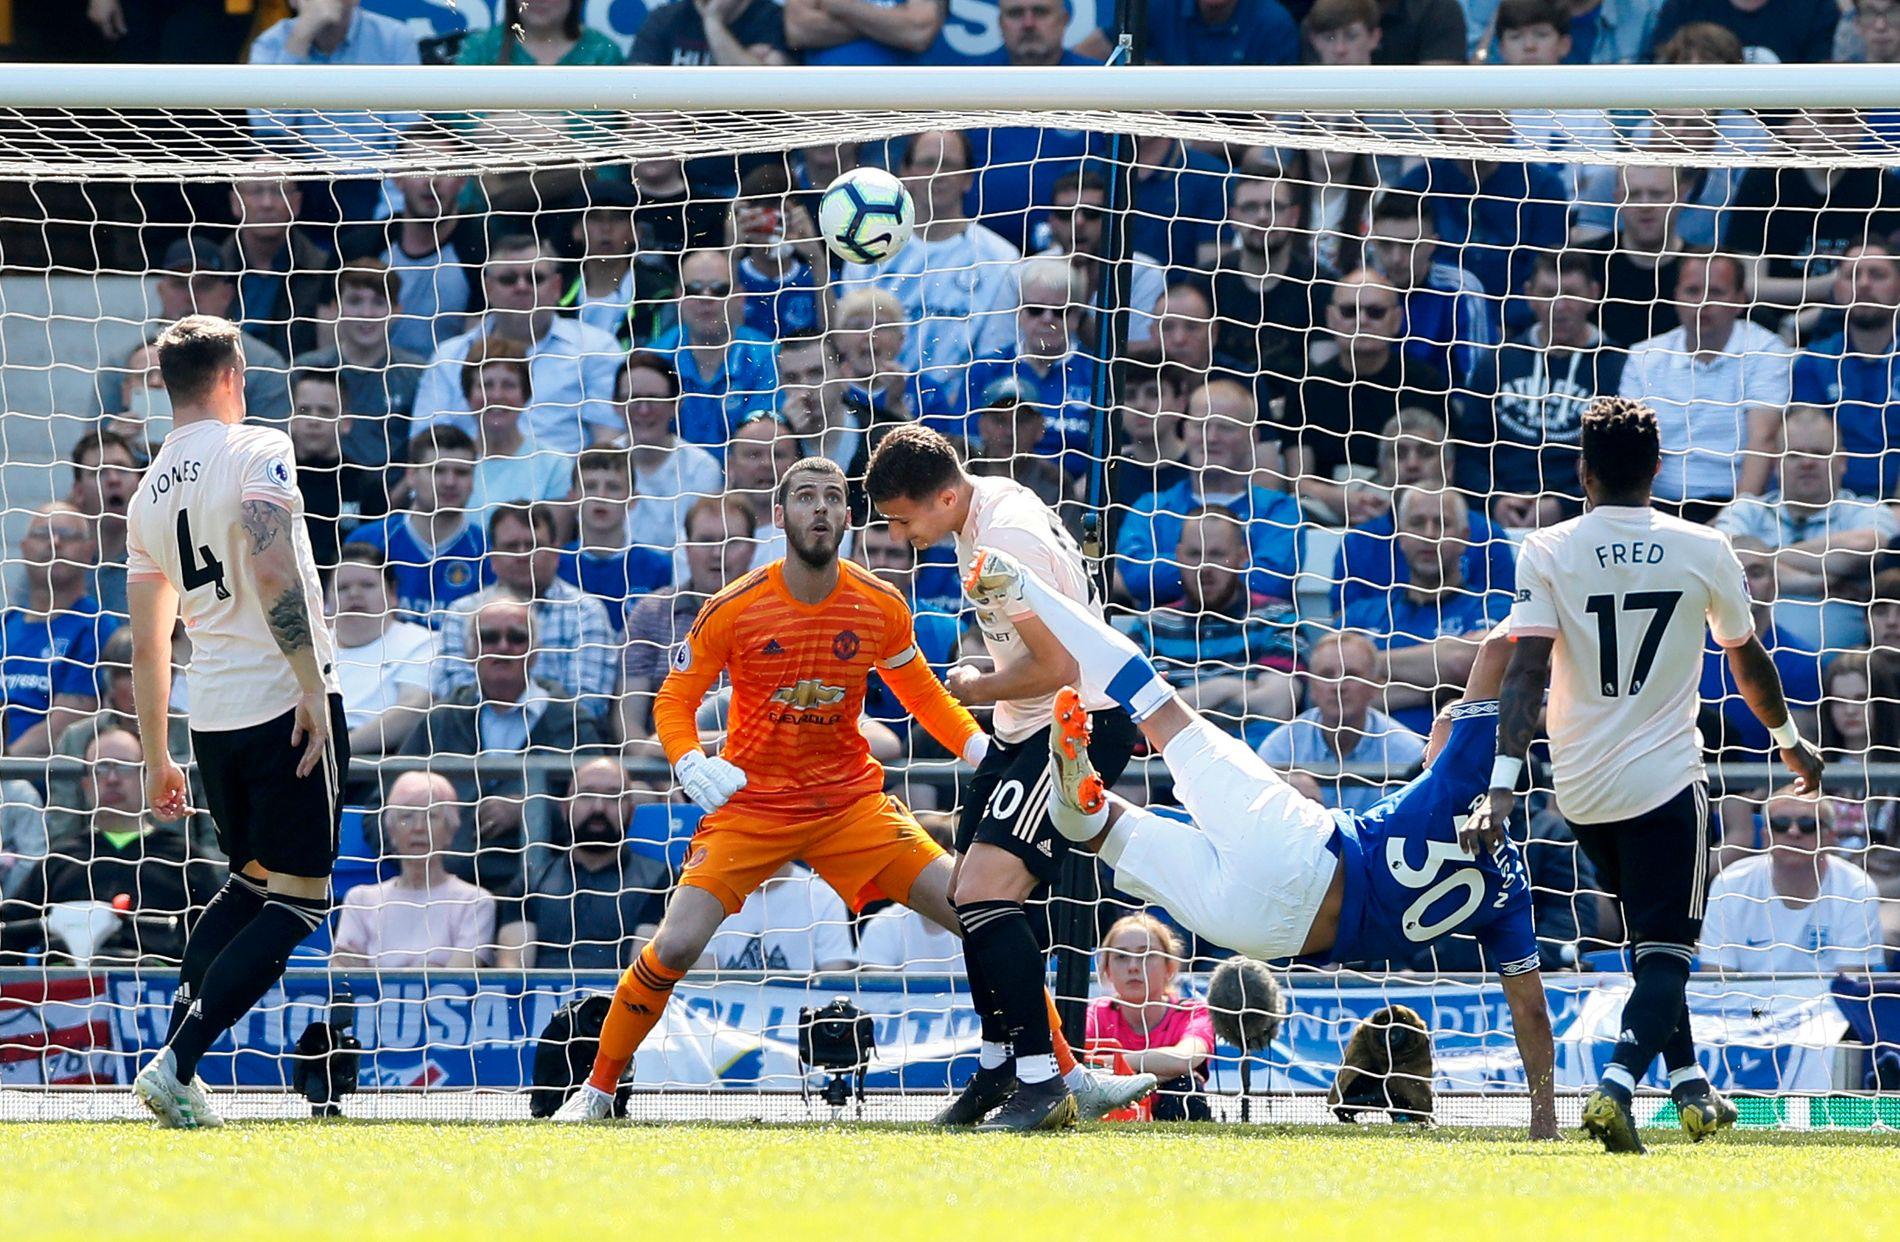 Richarlison brassesparket Everton i ledelsen etter 13 minutter.